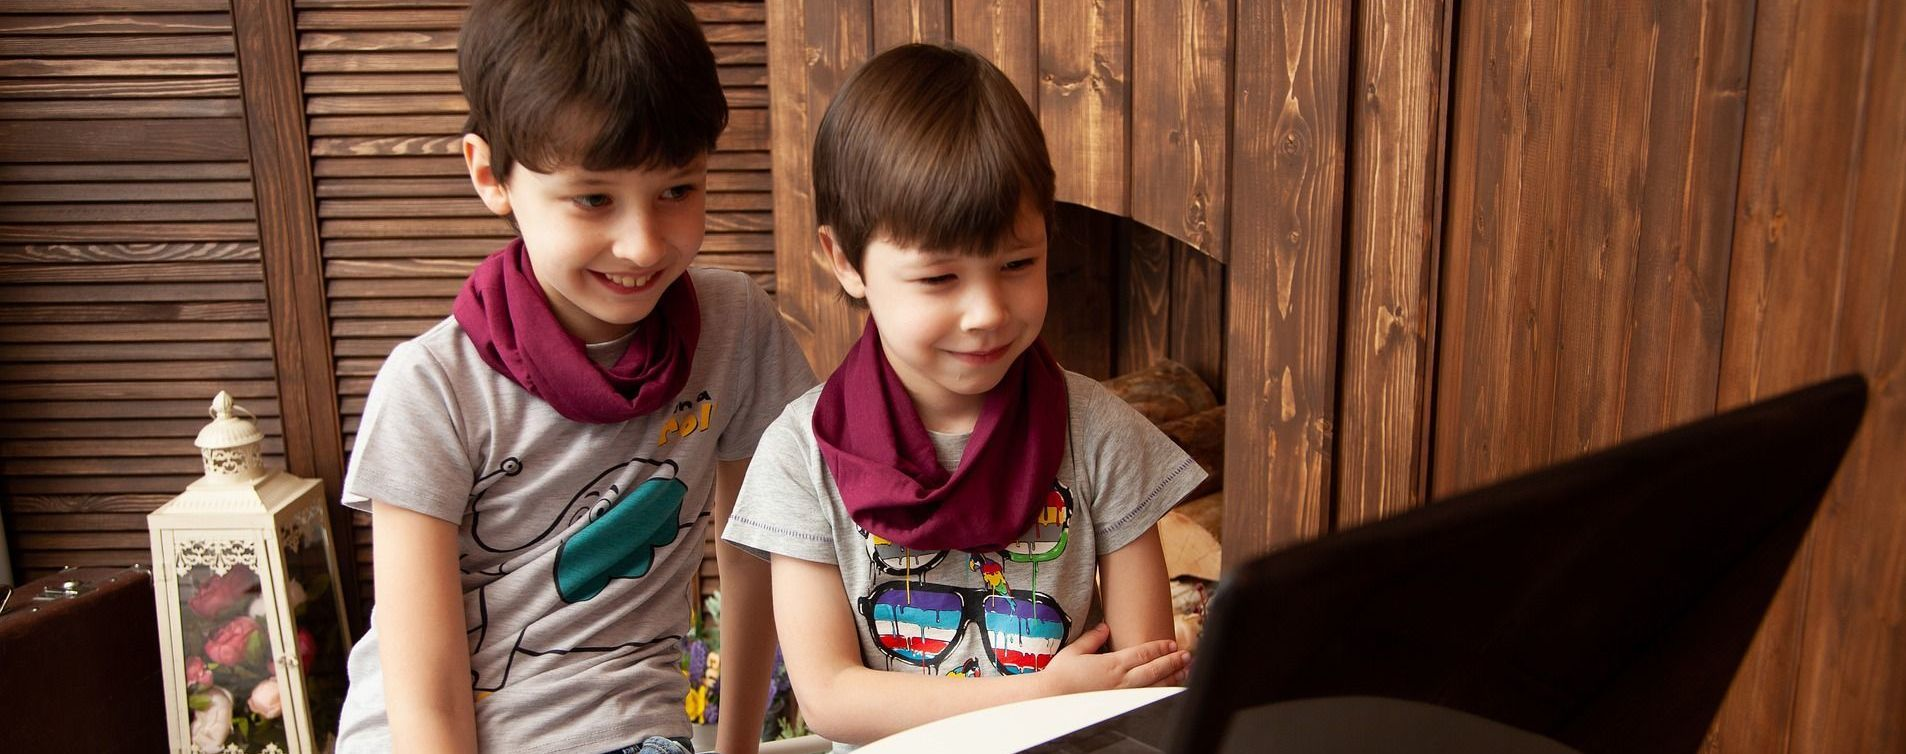 Вундеркінди: як впливає рання слава на дітей-геніїв і чи не гублять вони своїх талантів через роки